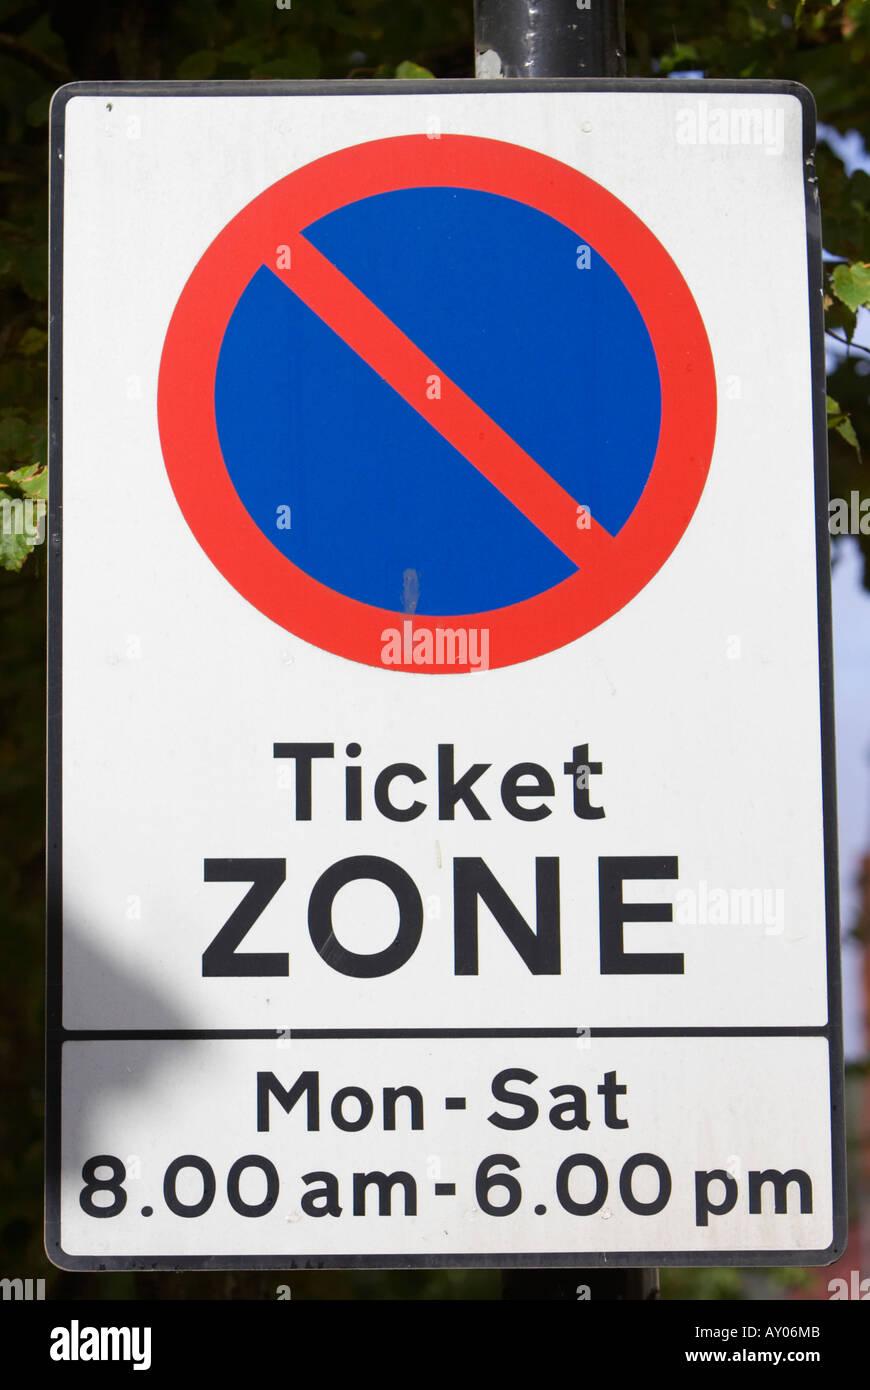 Zone de restriction de stationnement sur rue zone ticket connectez-vous du lundi au samedi de 8h00 à 18h00 Quartier de la cathédrale dans le centre-ville de Belfast Photo Stock